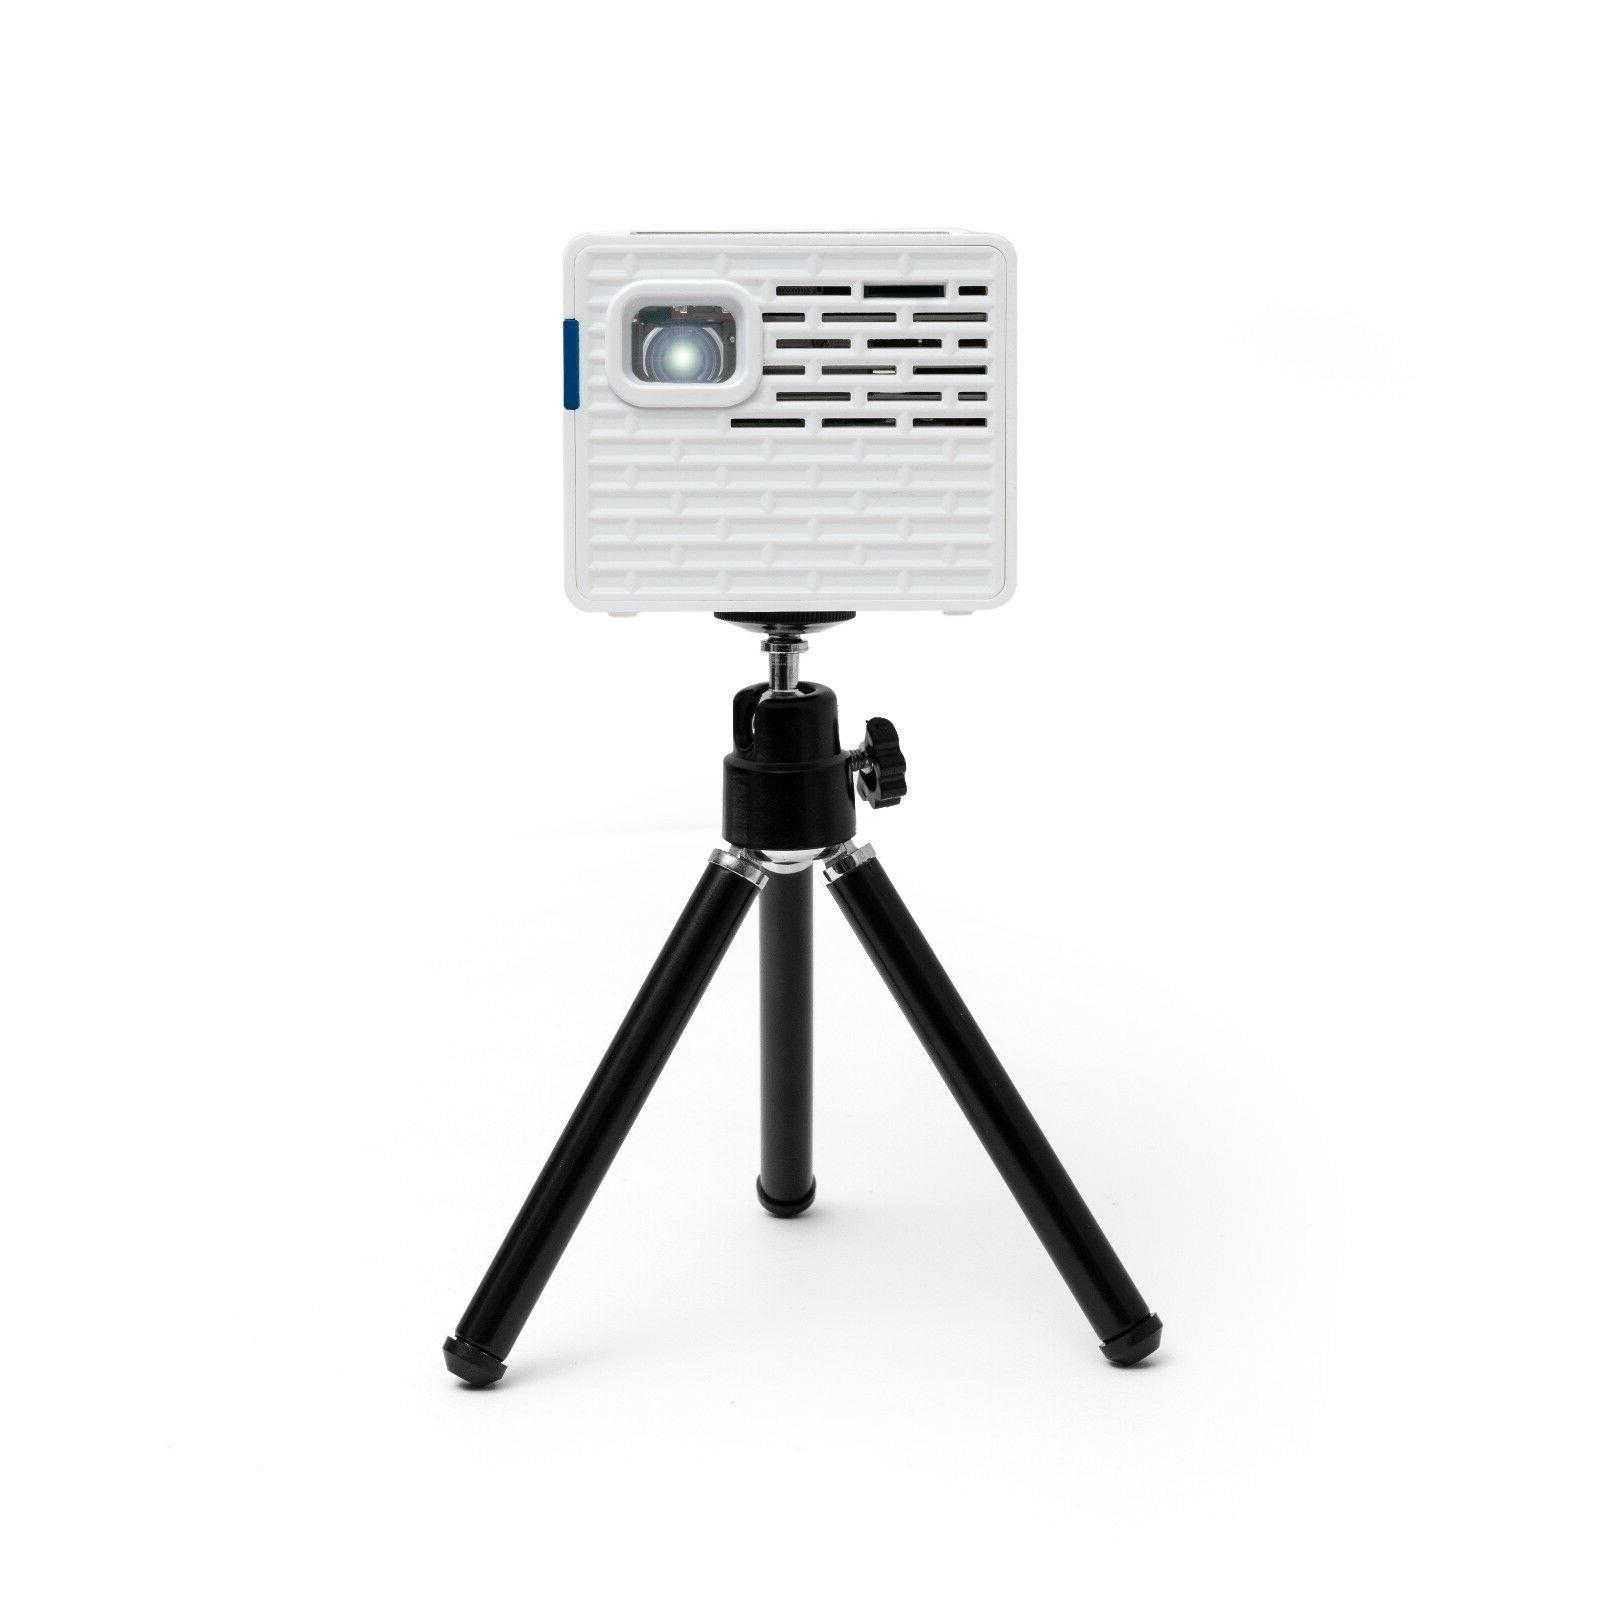 AAXA P2-A Pico LEDs Wi-Fi Bluetooth Portable Mini